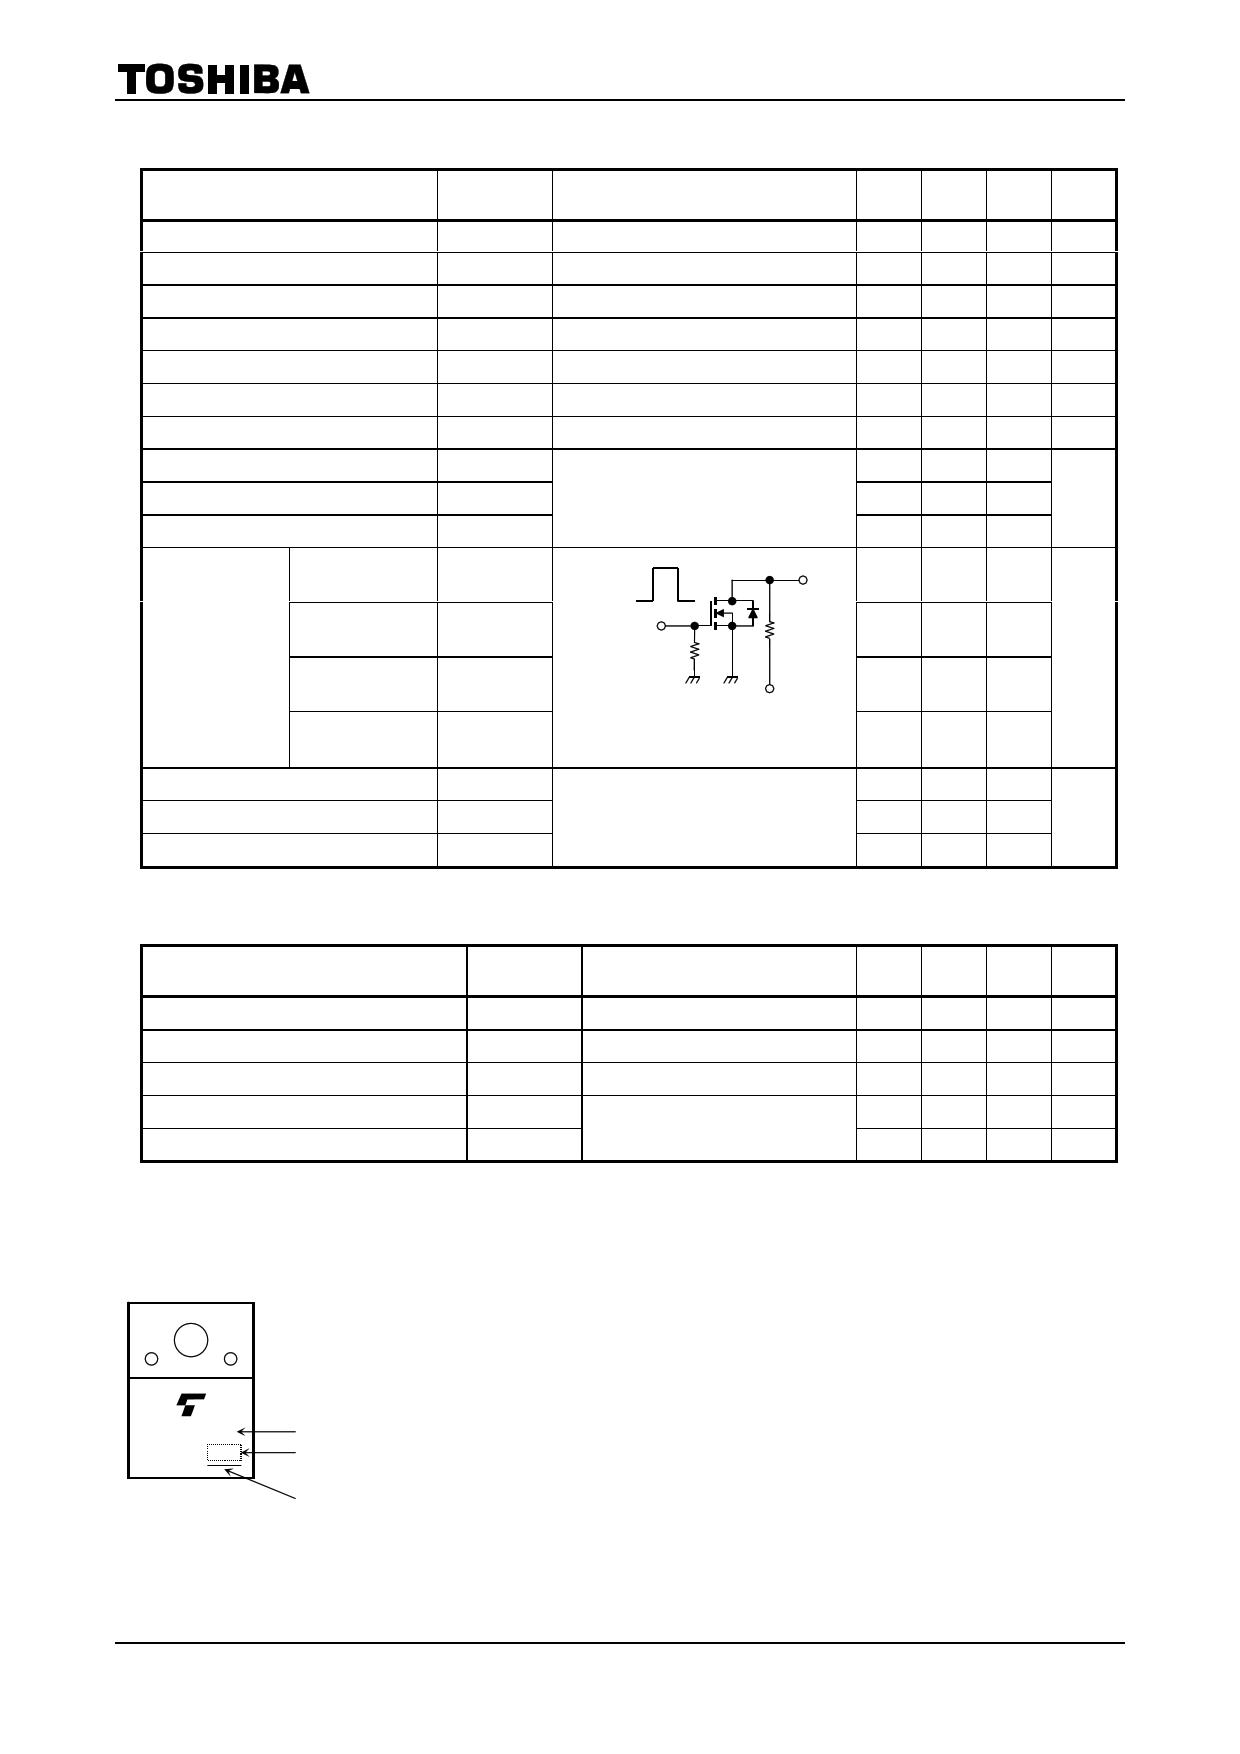 K3565 pdf pinout